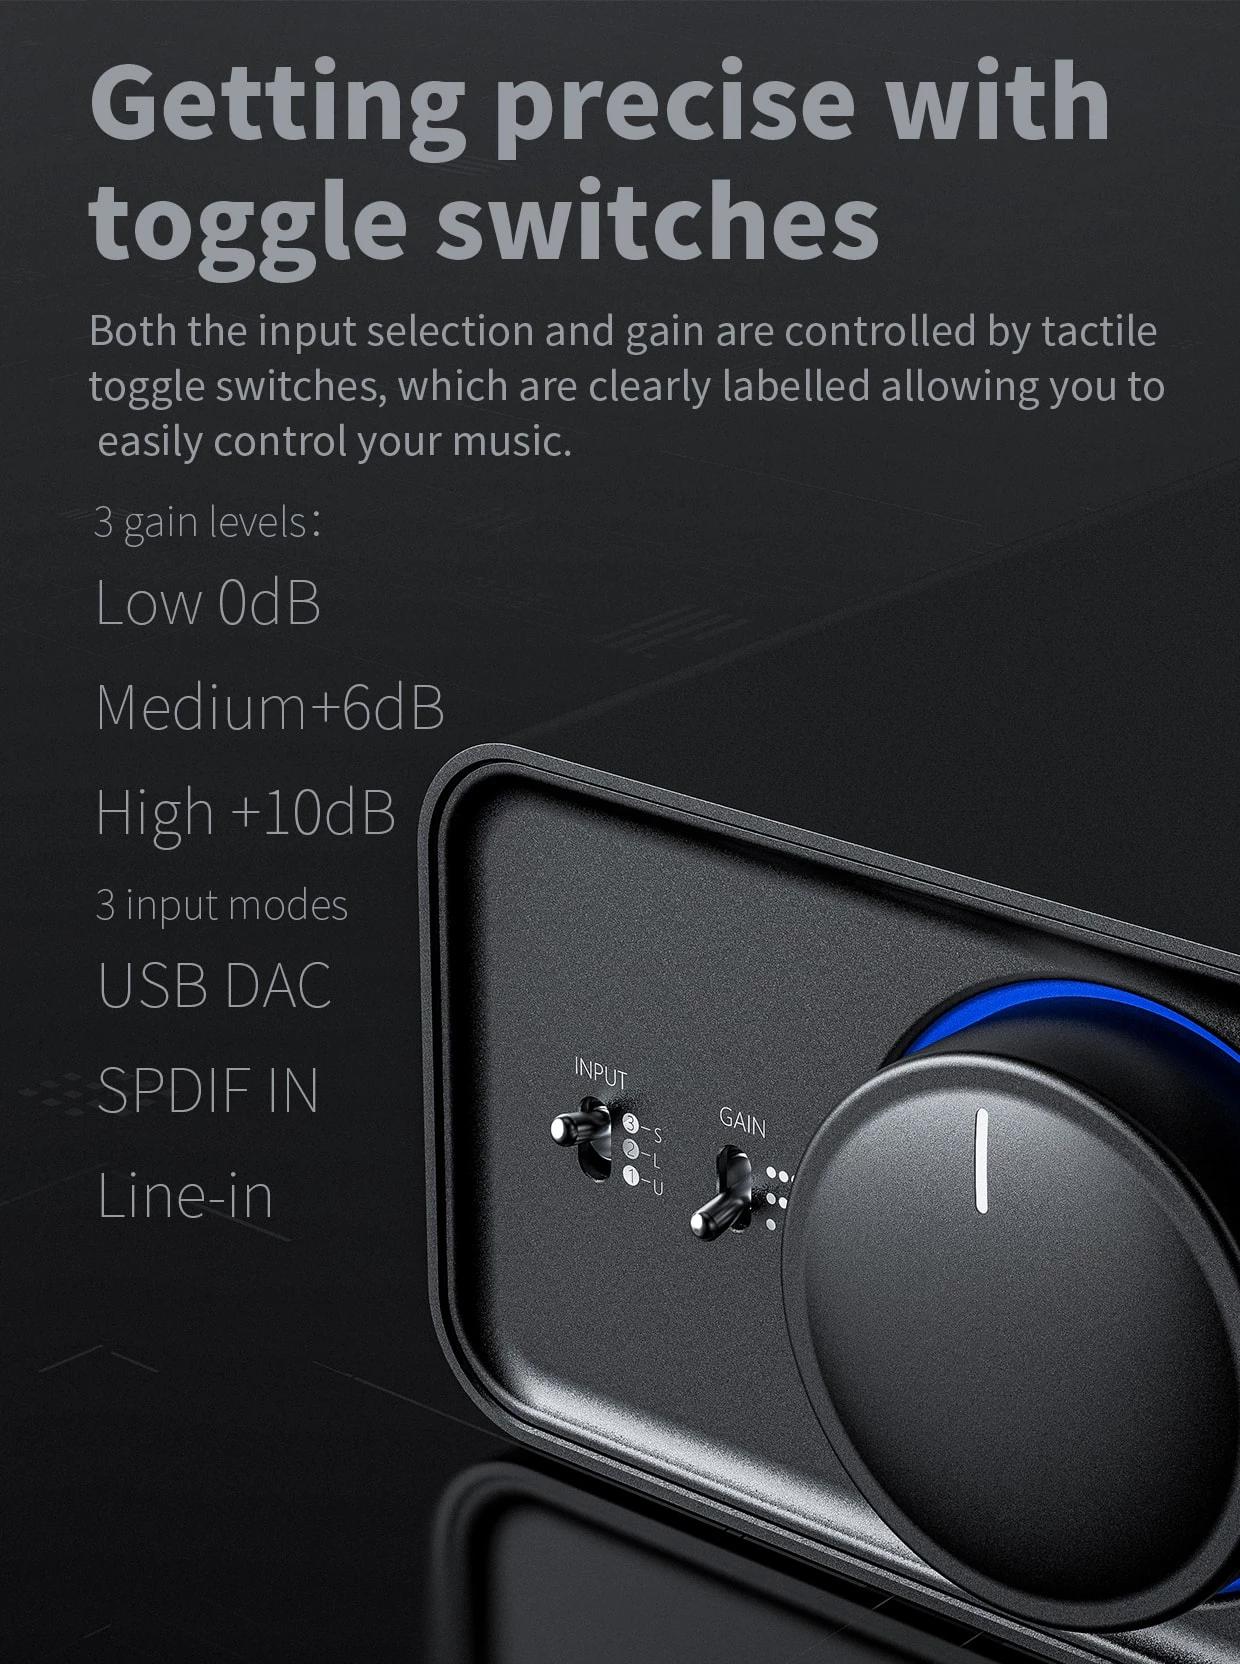 FiiO K5 Pro Portable Amplifier & DAC